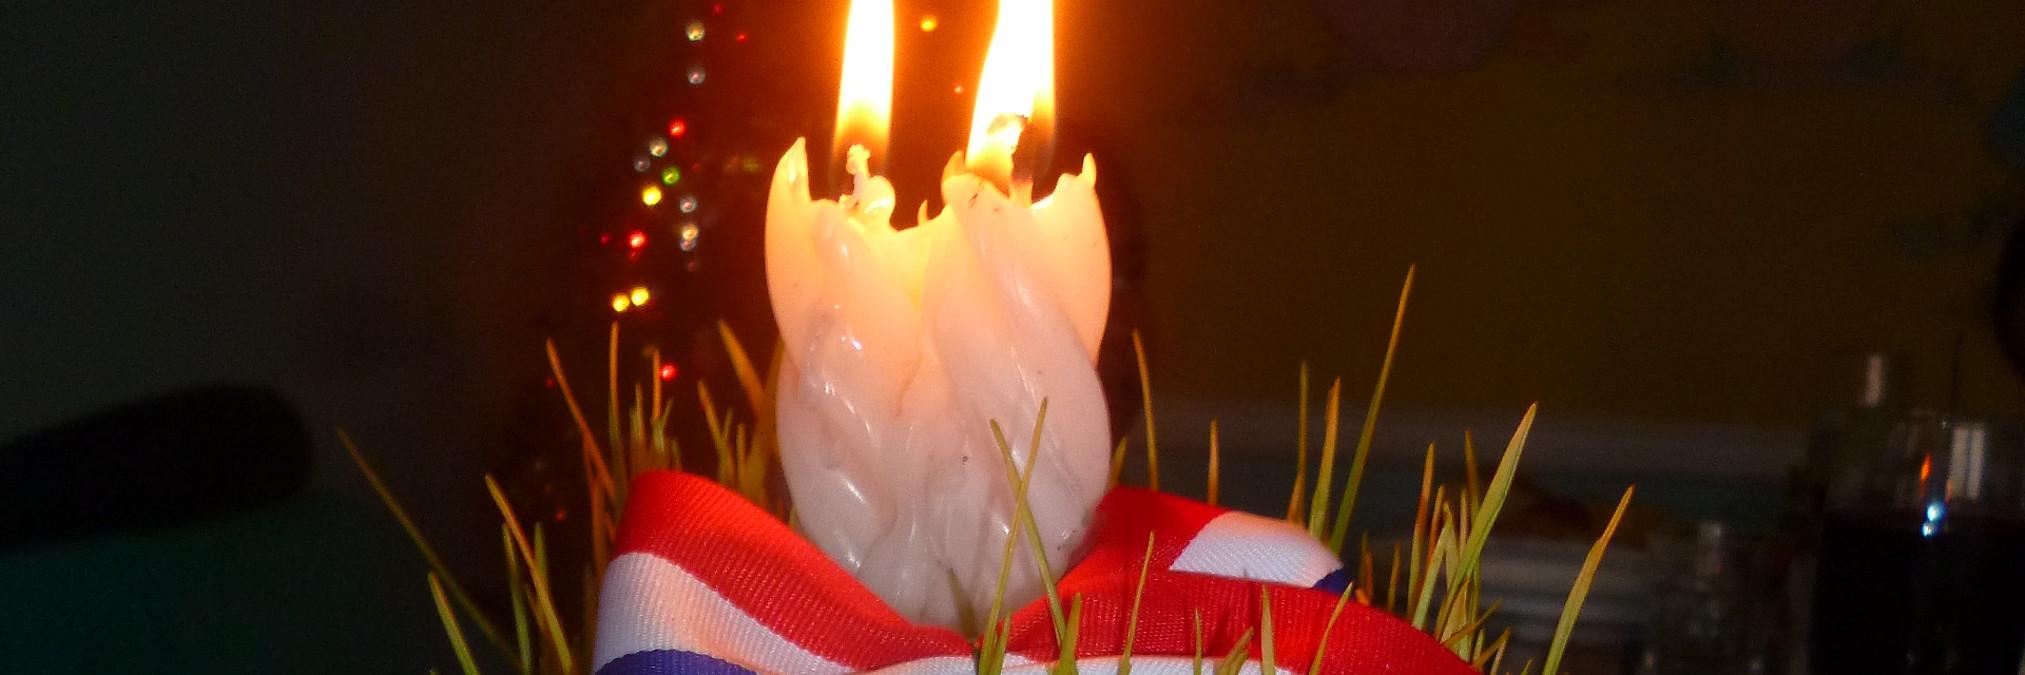 Католическое Рождество в Боснии и Герцеговине